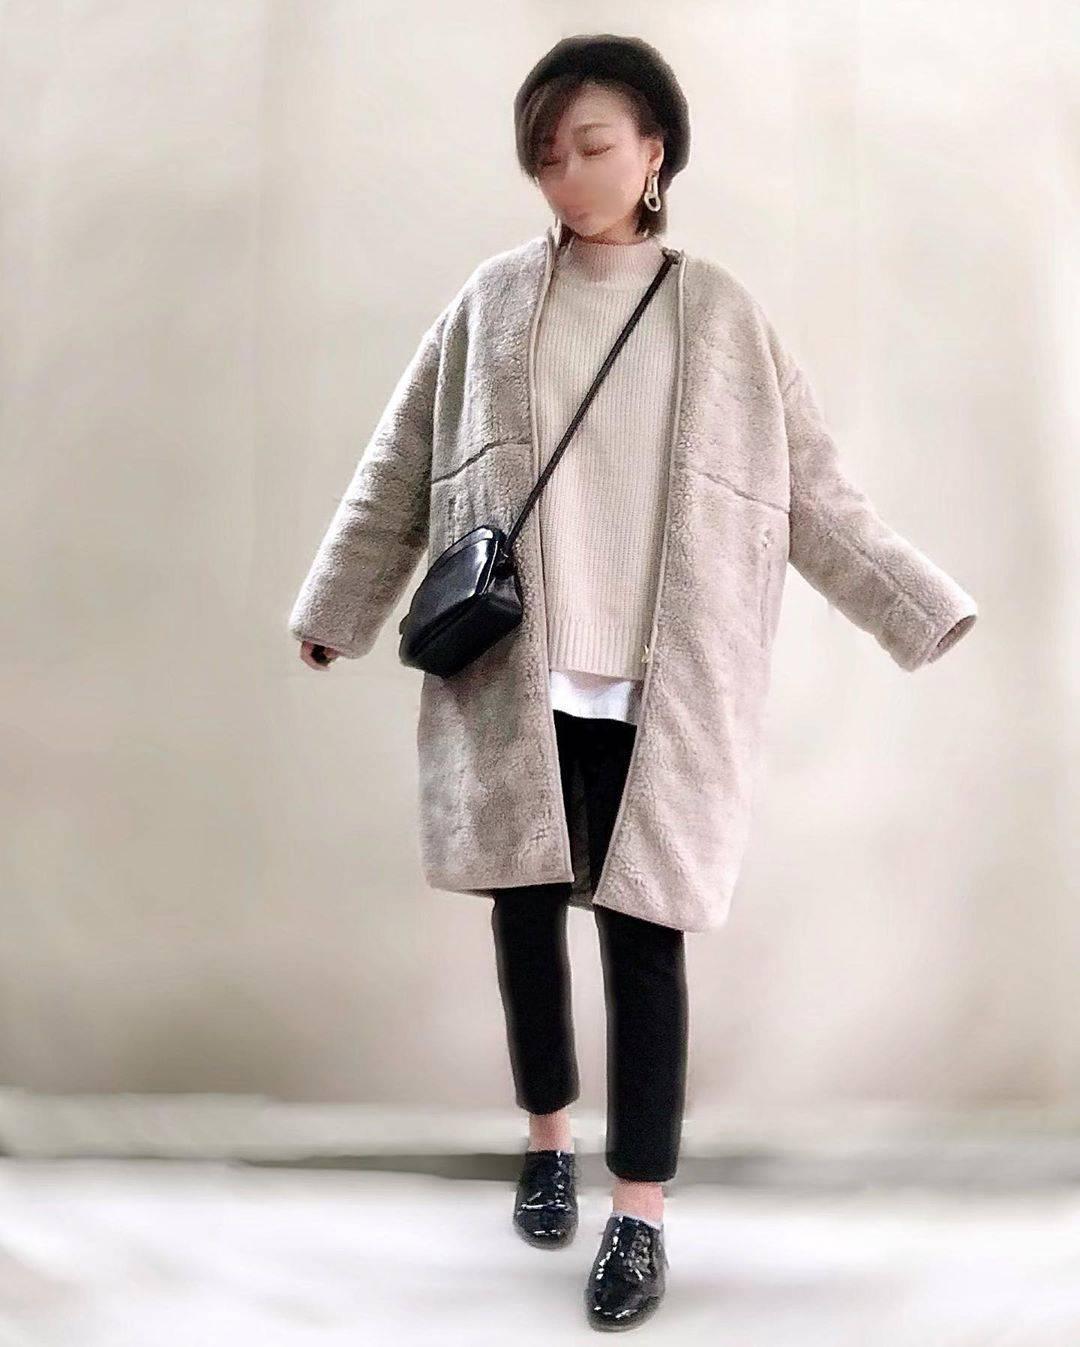 最高気温7度・最低気温4度 unange103の服装